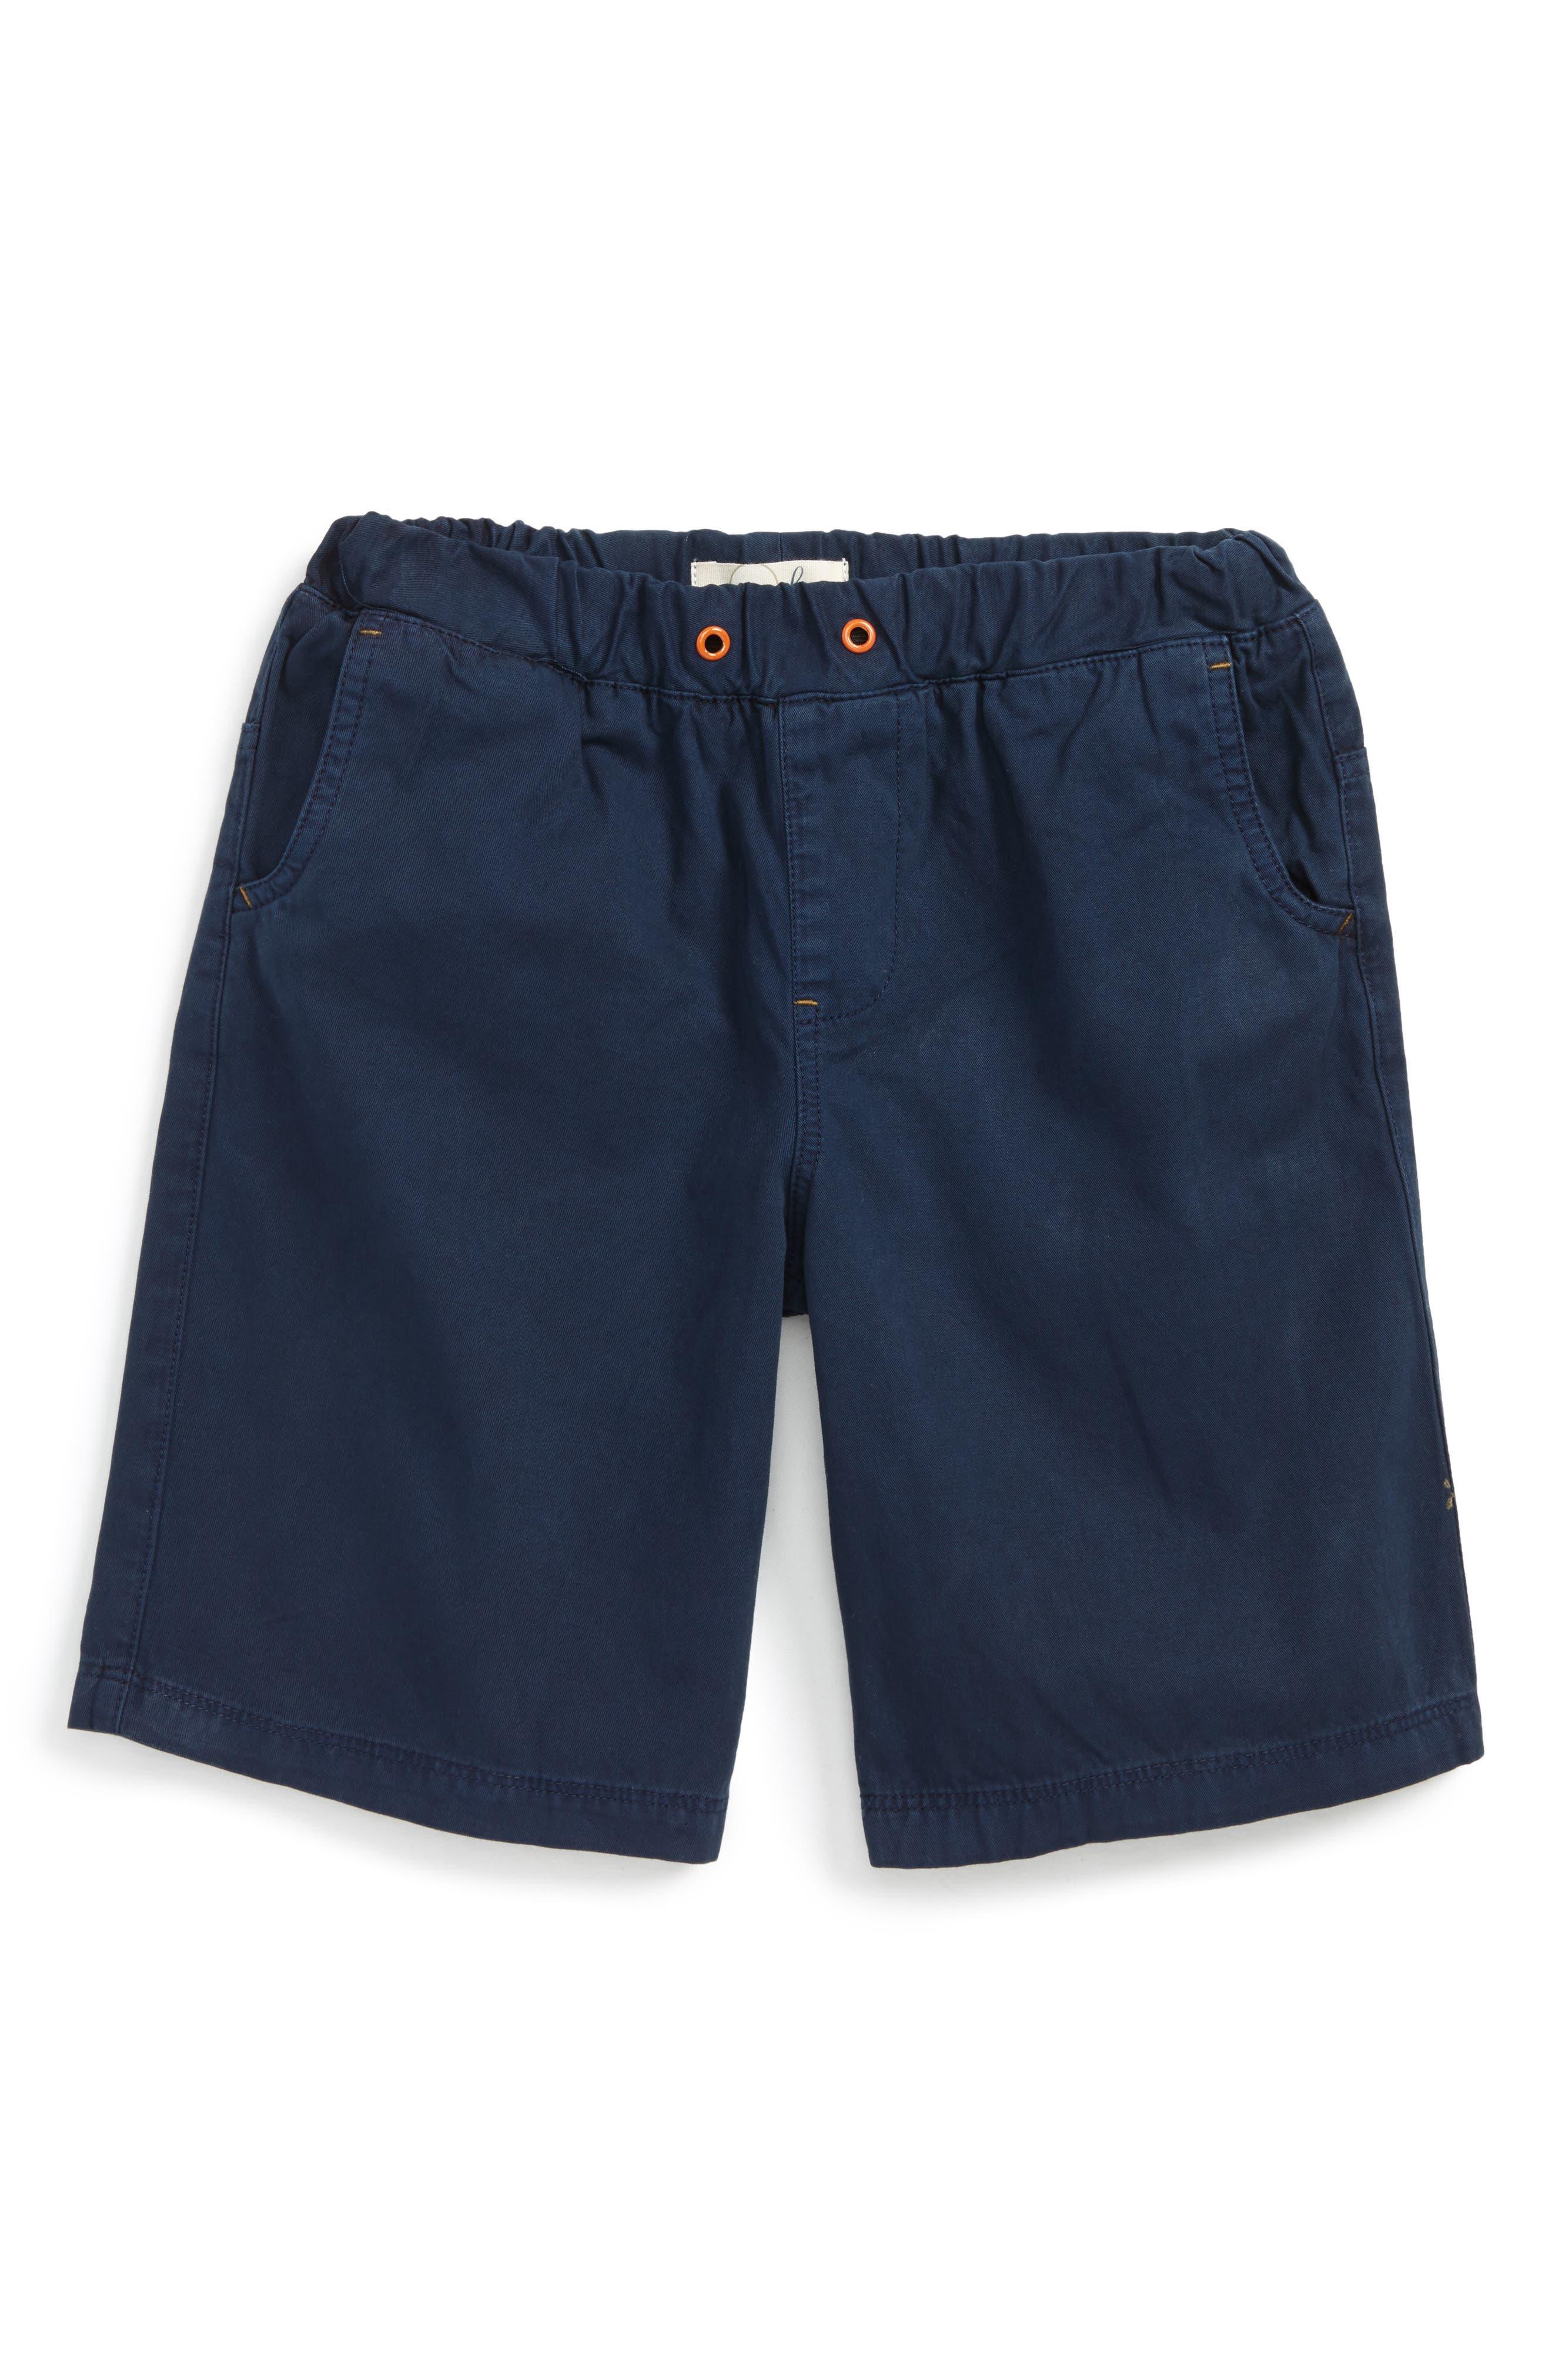 Morgan Shorts,                         Main,                         color, 410